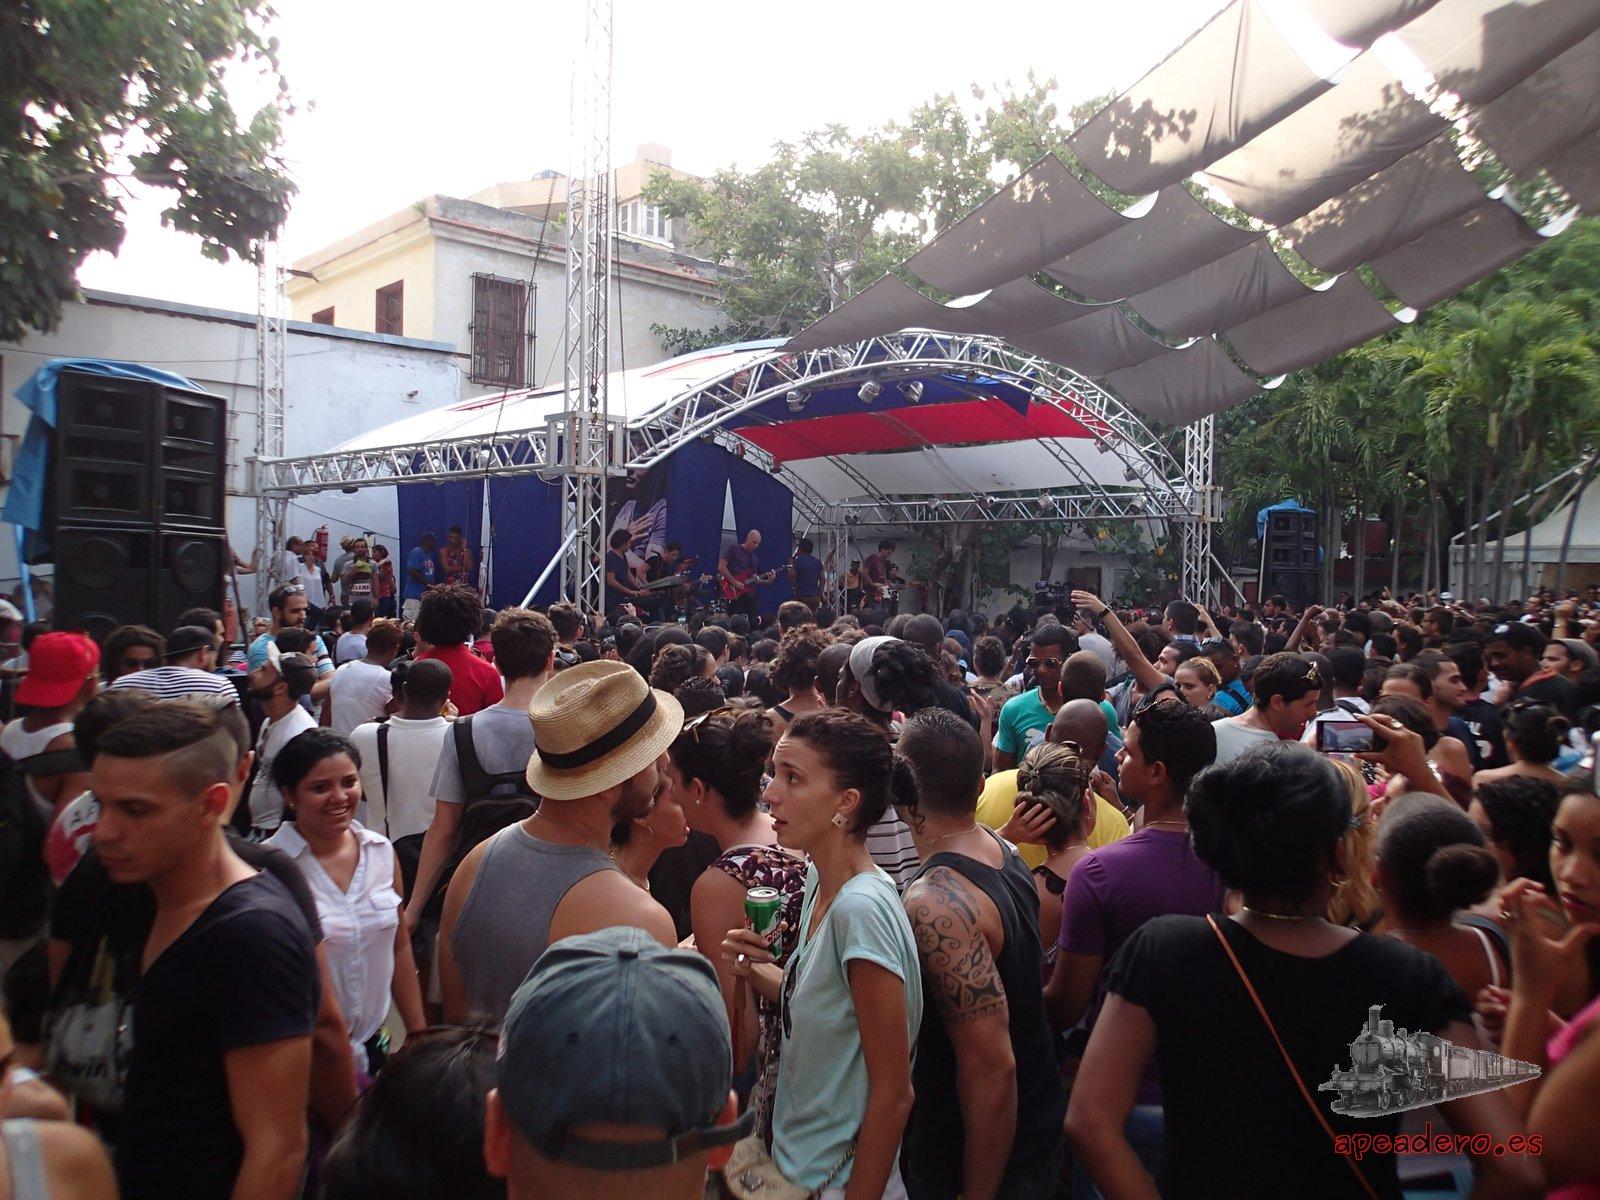 El Pabellón Cuba es un bullicioso centro de entretenimiento para la juventud.